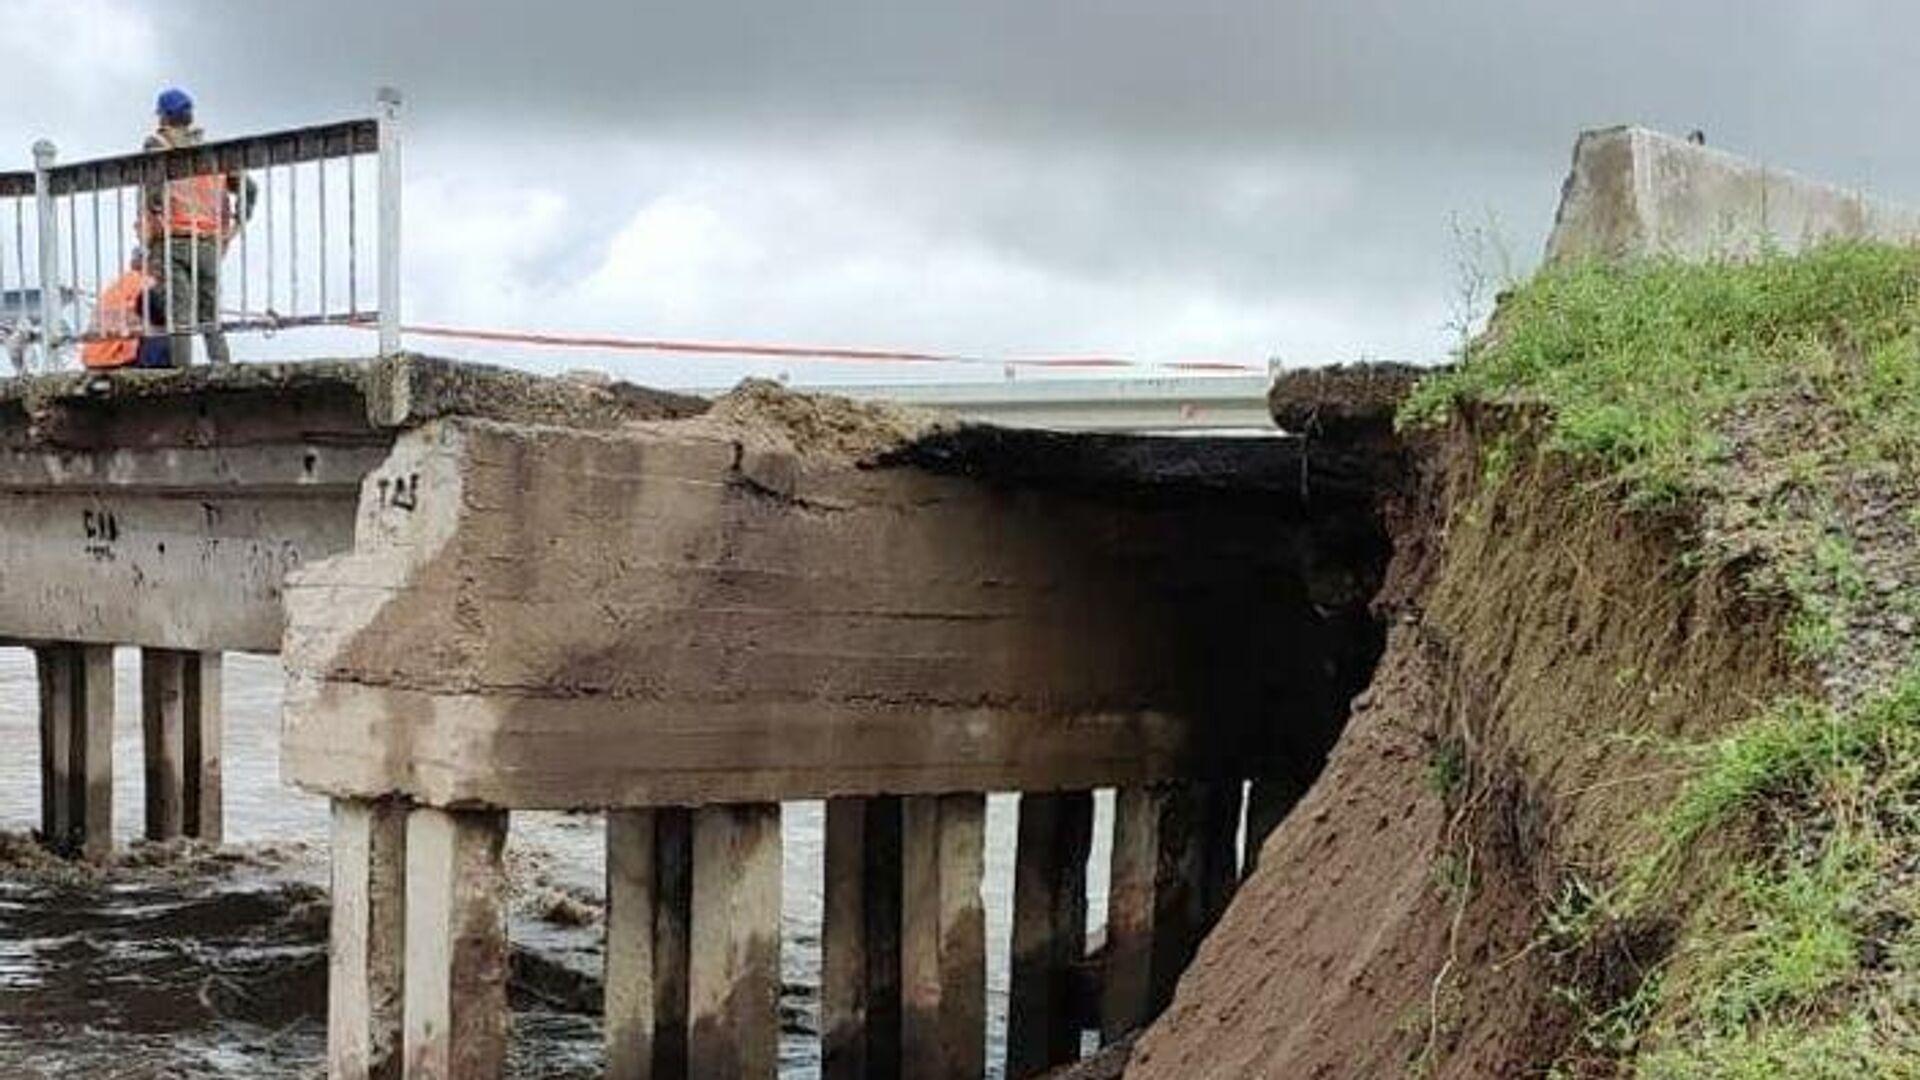 Частичное обрушение железнодорожного моста в районе села Дунаево Сретенского района Забайкалья - РИА Новости, 1920, 23.07.2021